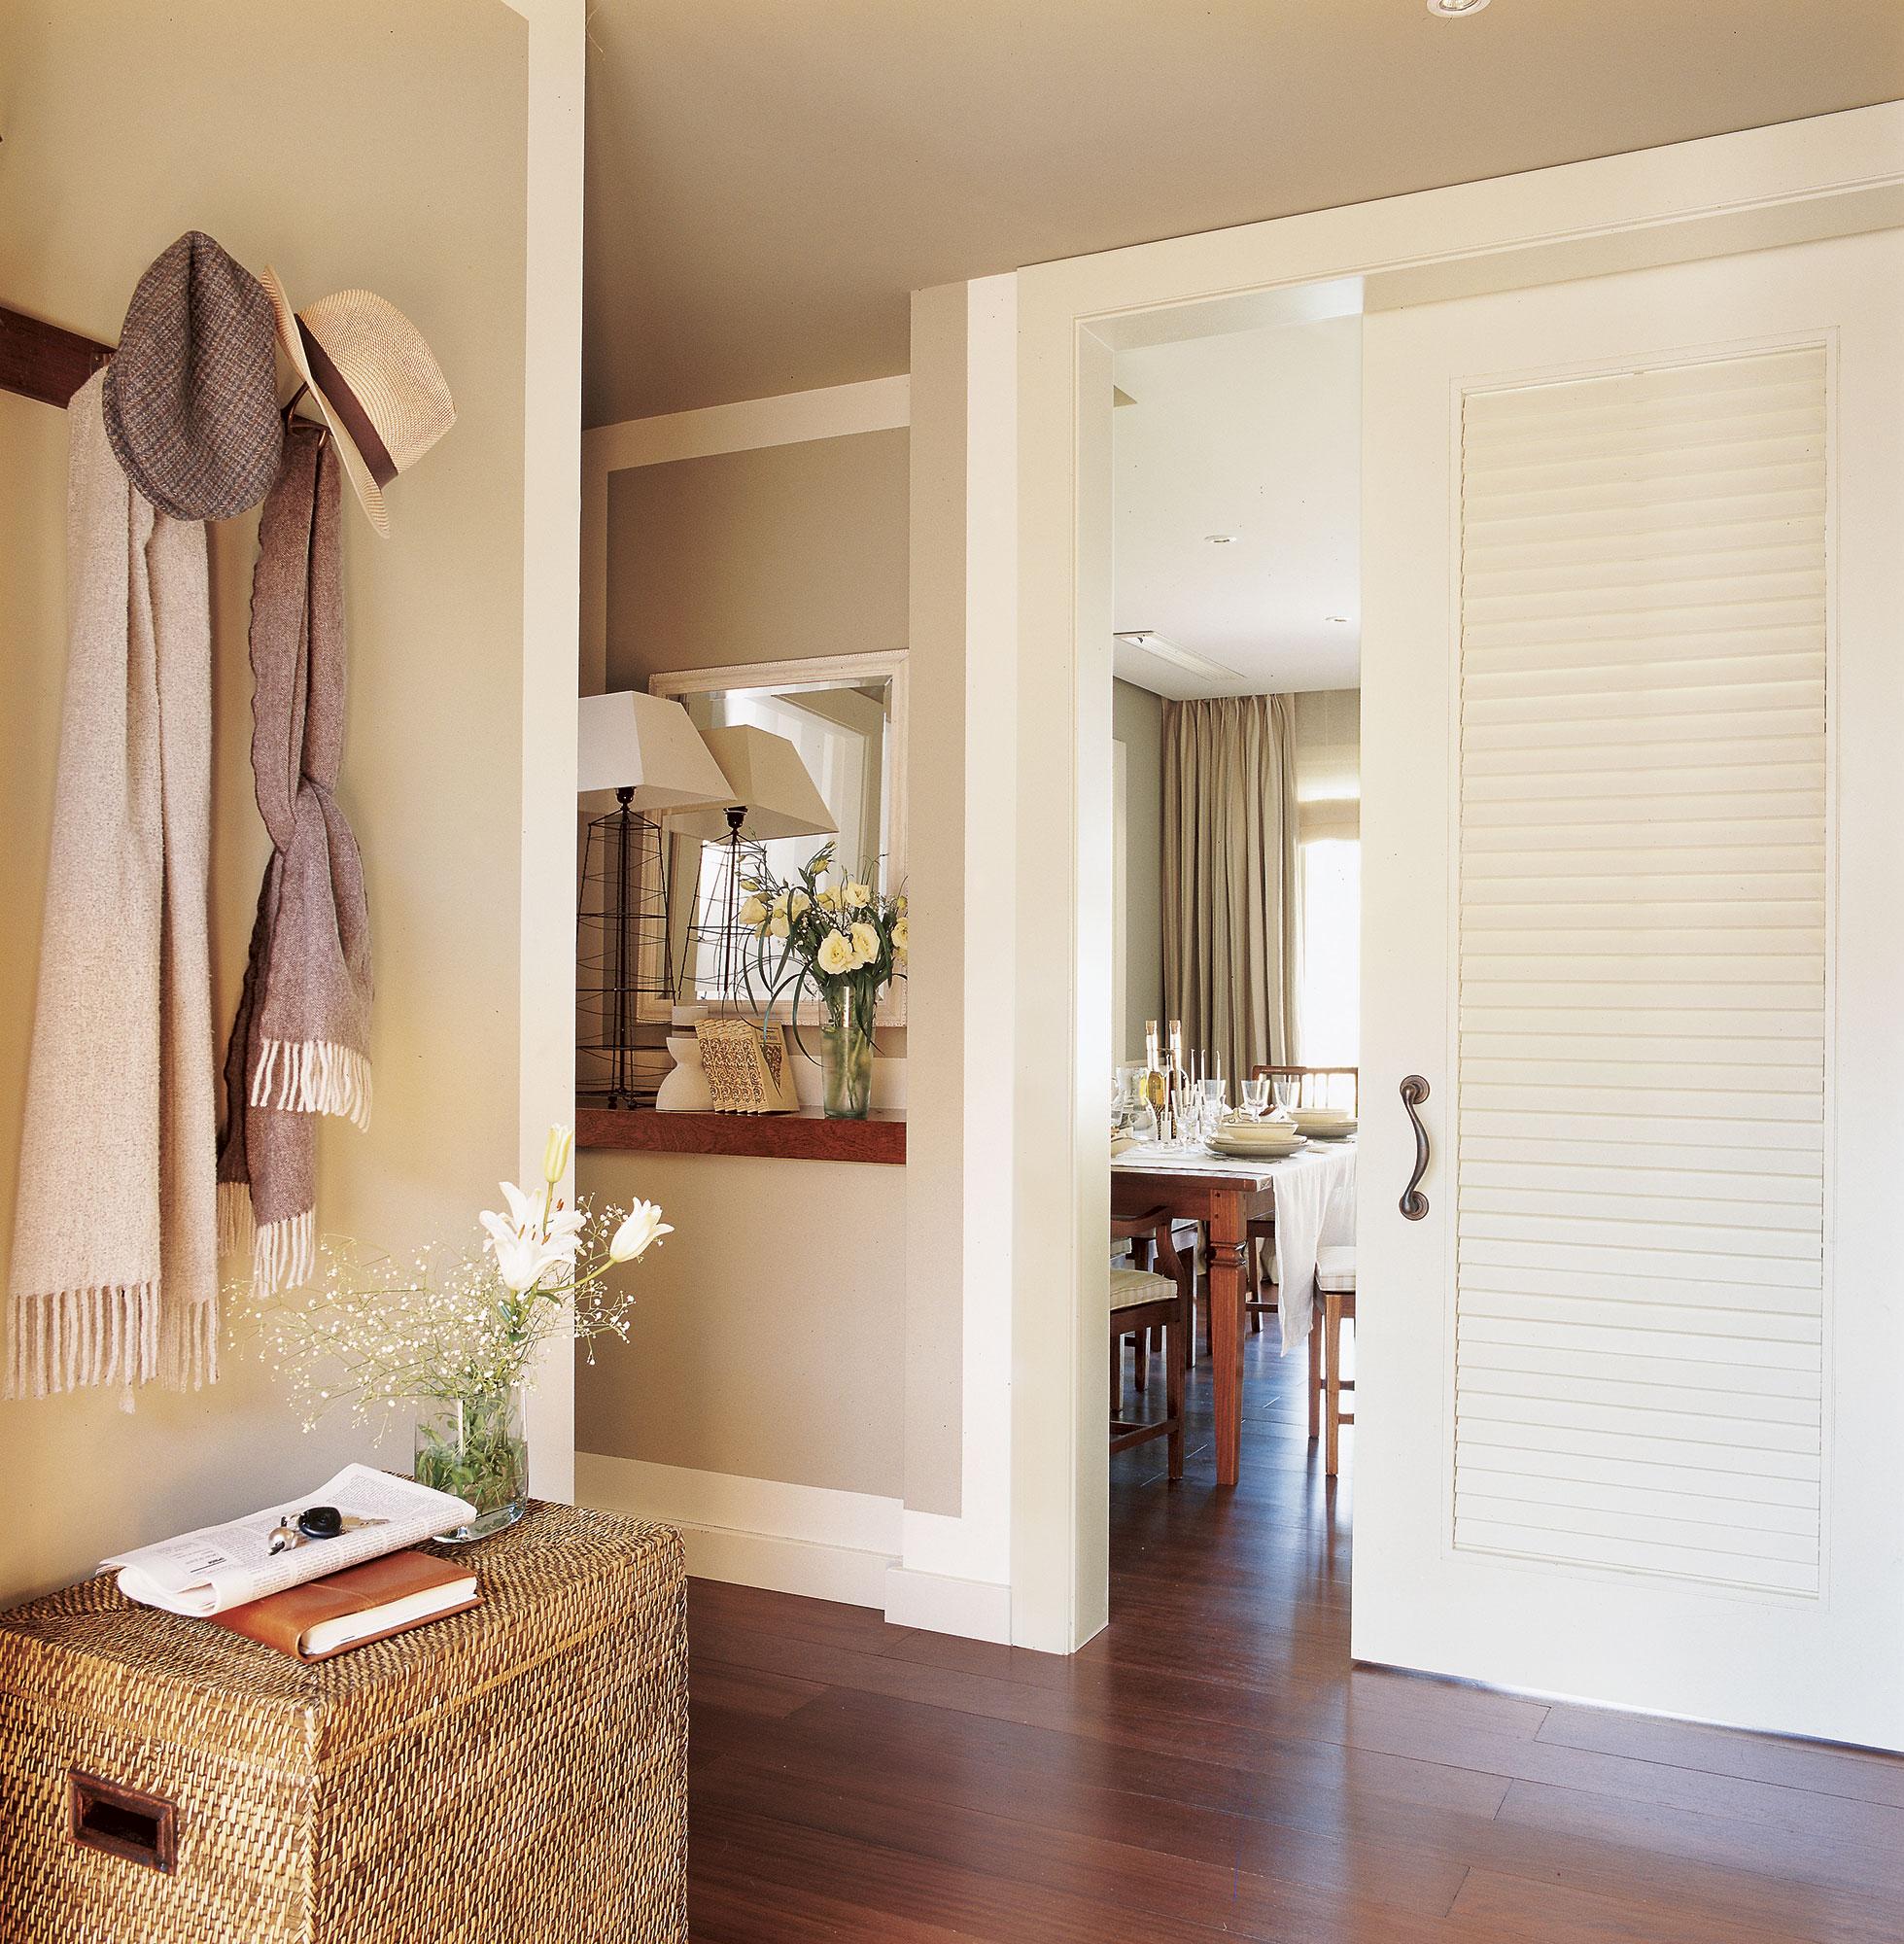 instala una puerta corredera en casa y gana 1 5 m2 reales